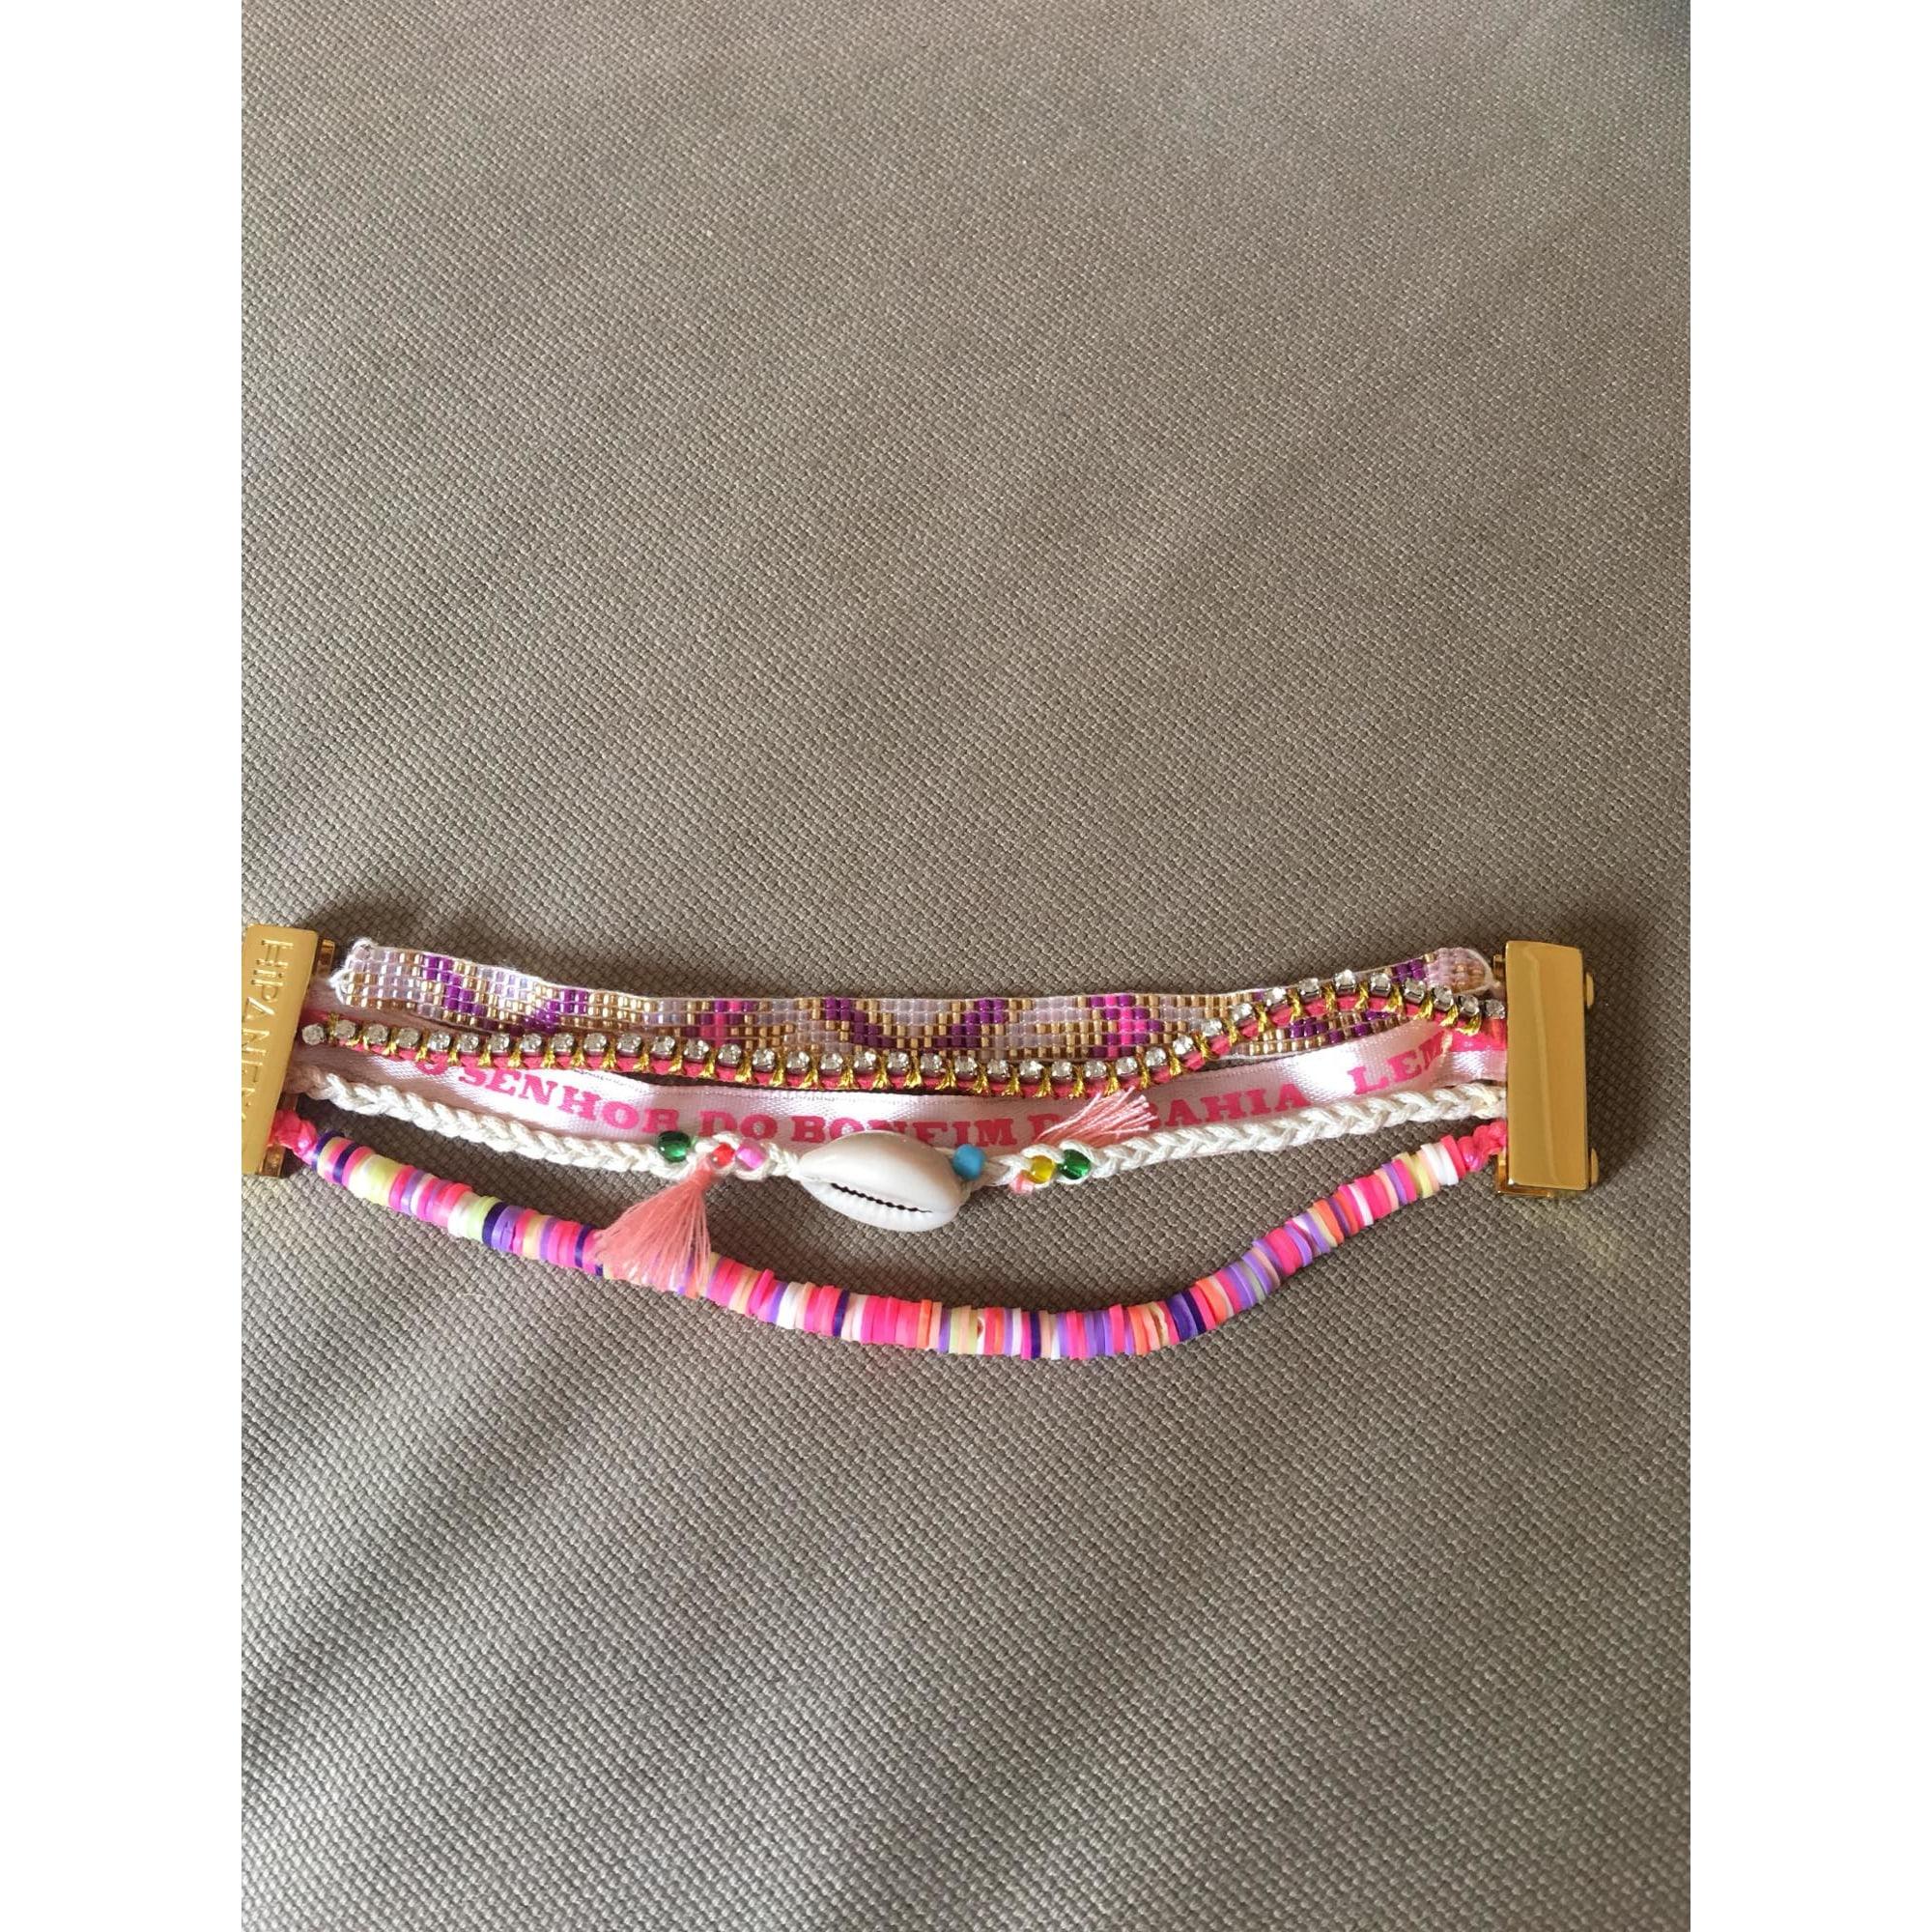 Bracelet HIPANEMA Doré, bronze, cuivre